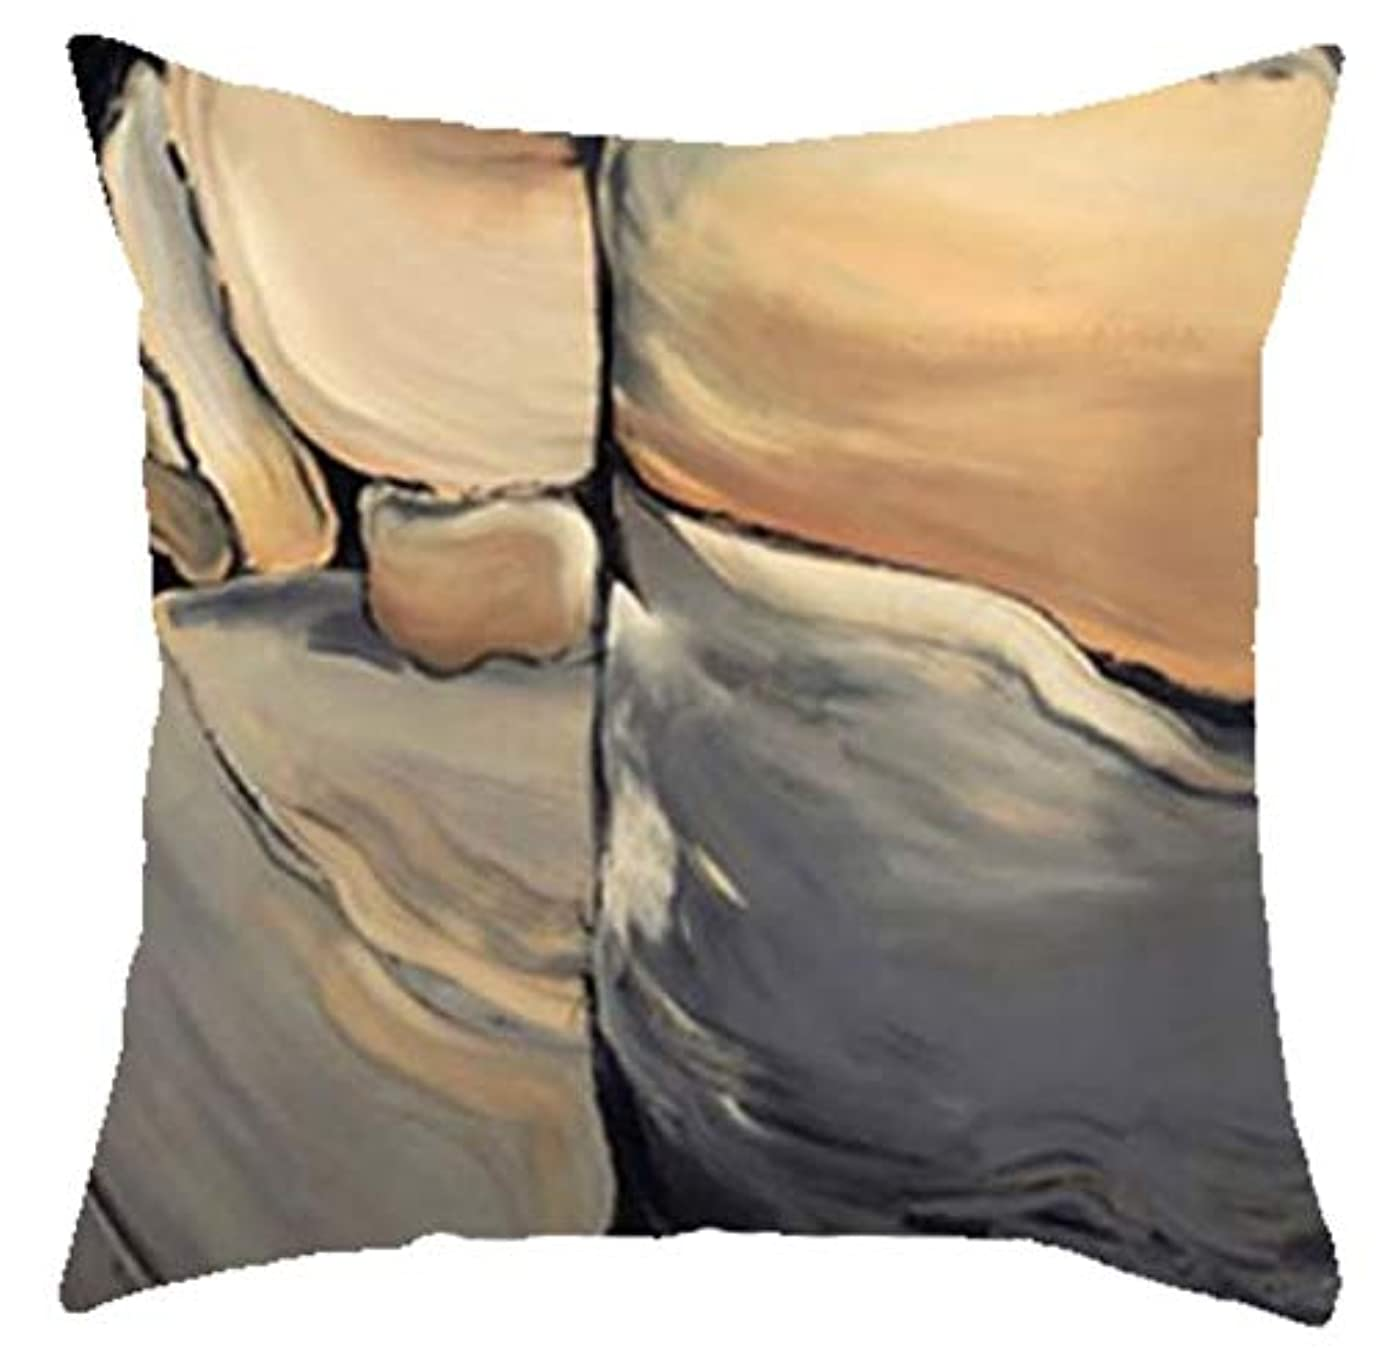 テーマ天勇気LIFE 新入荷幾何学模様スロー枕クリエイティブ抽象大理石クッション手塗りの山の森リビングルームのソファ クッション 椅子